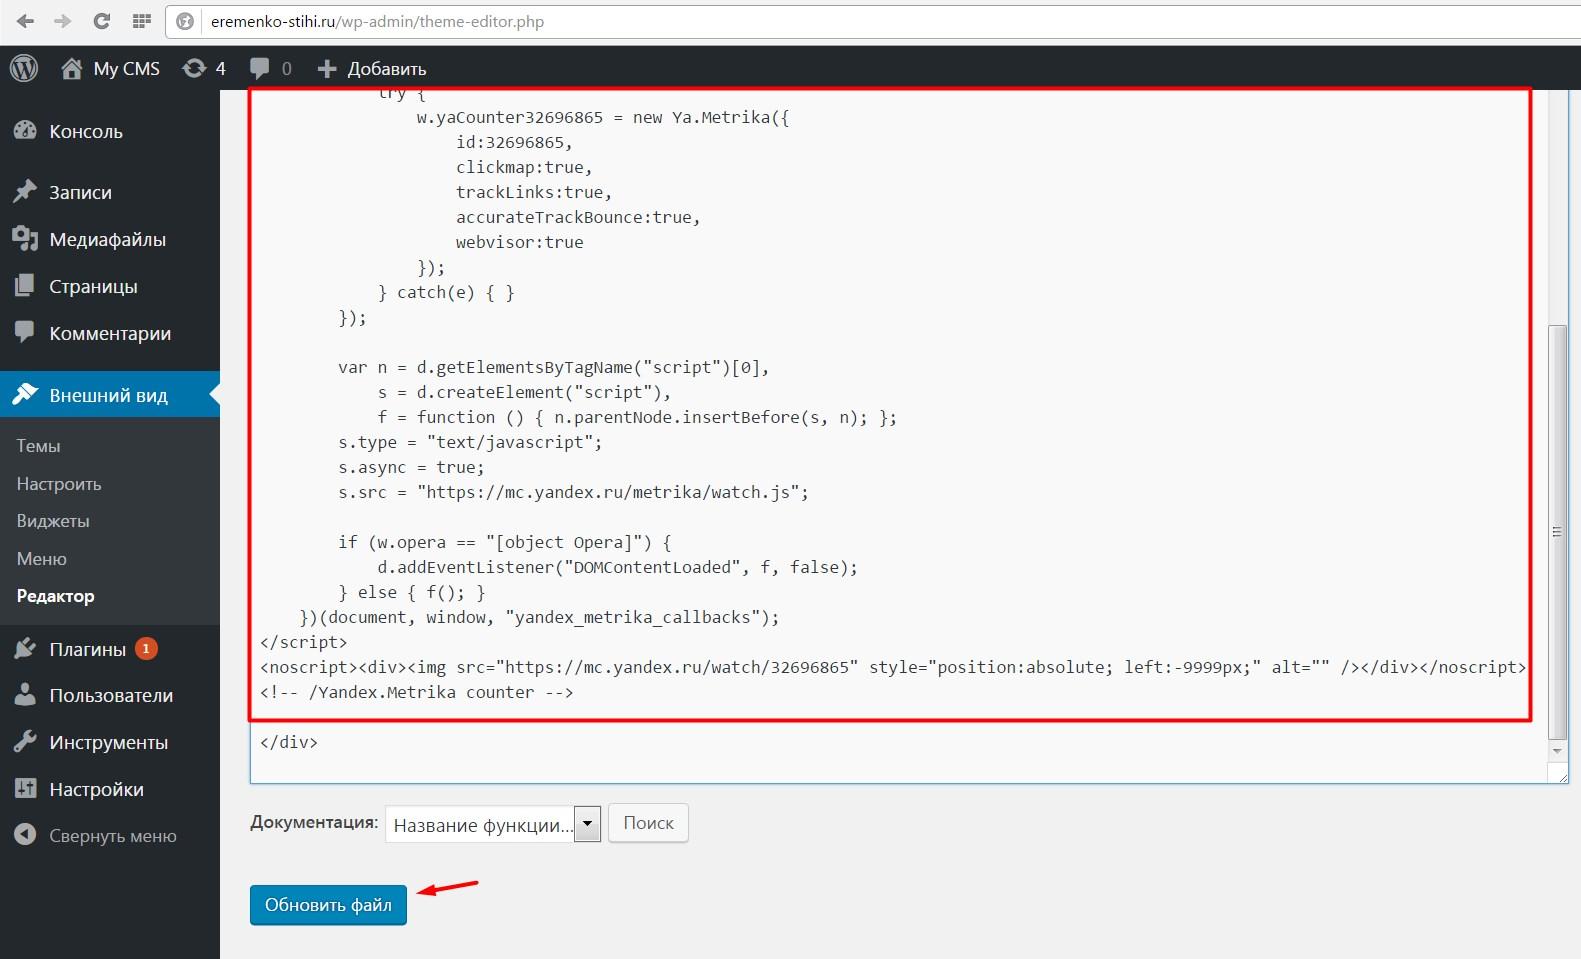 121 Вот так будет выглядеть код, вставленный перед последним div. Нажимаем Обновить файл, чтобы изменения вступили в силу.